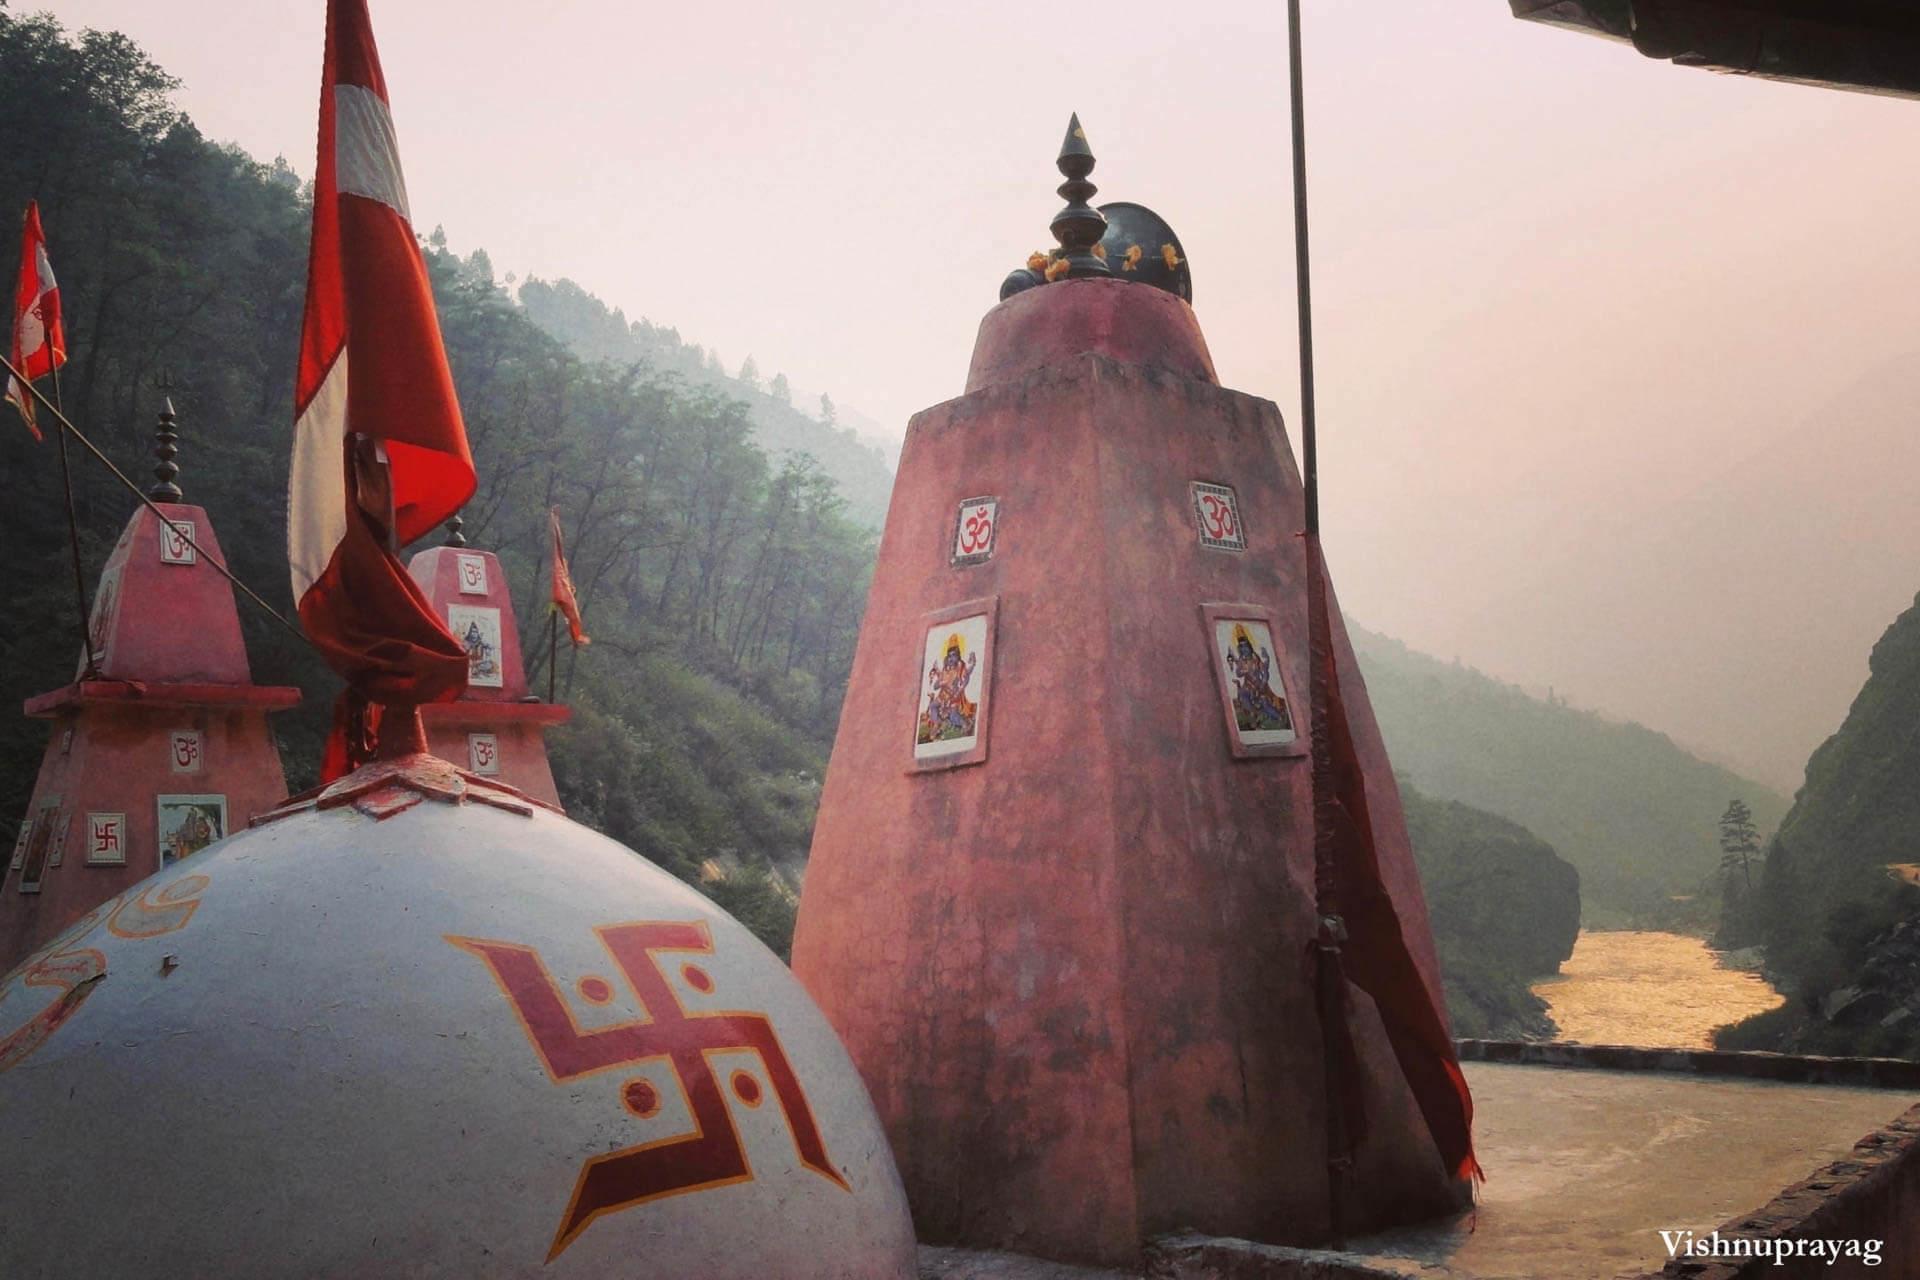 Esplorare indiane - Devanagari - Centro Yoga Aosta